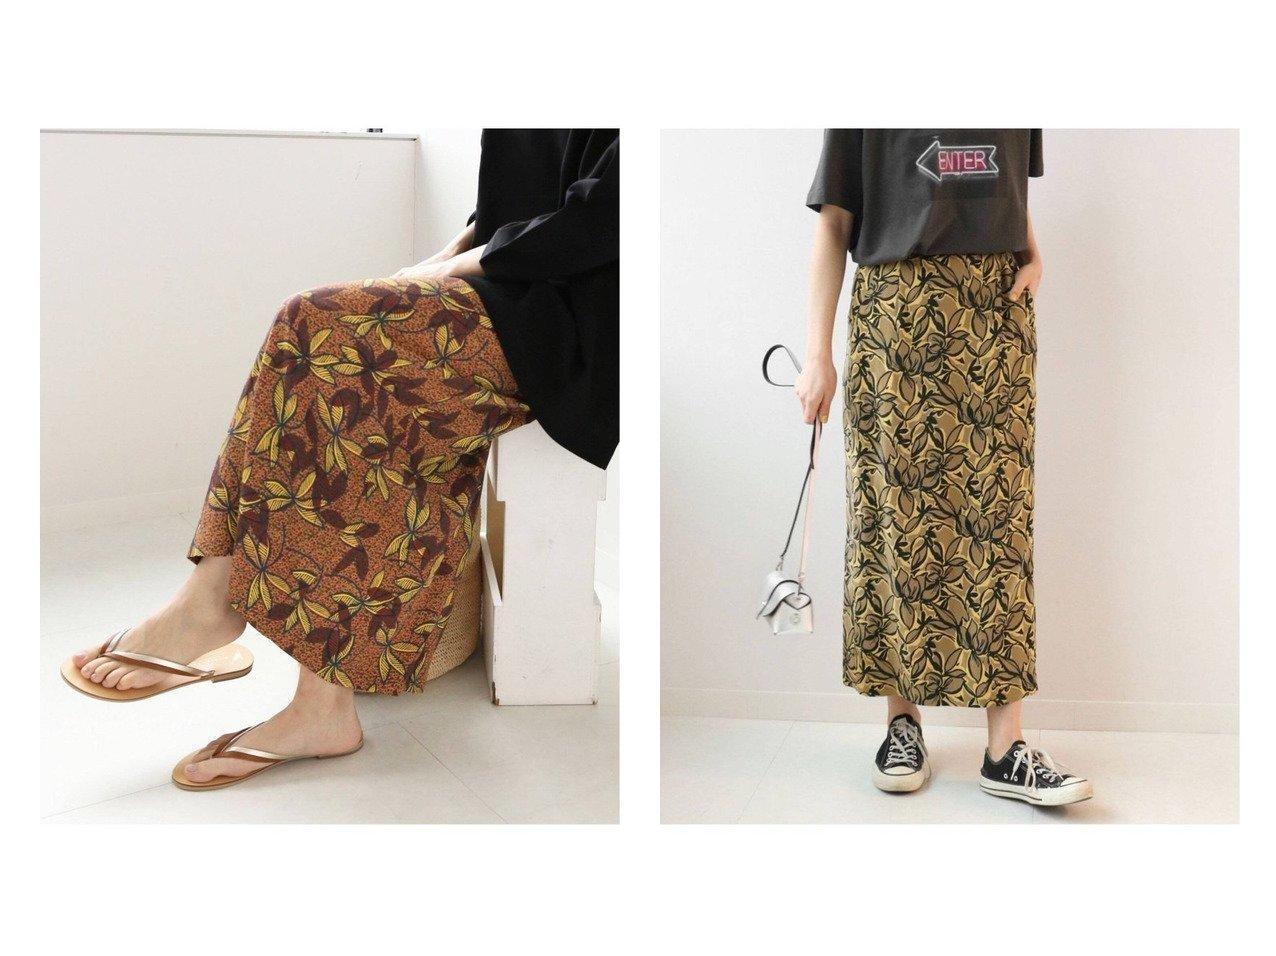 【JOURNAL STANDARD relume/ジャーナルスタンダード レリューム】の【DEVEAUX】アフリカンリーフスカート&WEB限定Cupra Iラインスカート 【スカート】おすすめ!人気、トレンド・レディースファッションの通販 おすすめファッション通販アイテム インテリア・キッズ・メンズ・レディースファッション・服の通販 founy(ファニー)  ファッション Fashion レディースファッション WOMEN スカート Skirt ロングスカート Long Skirt NEW・新作・新着・新入荷 New Arrivals 2021年 2021 2021春夏・S/S SS/Spring/Summer/2021 S/S・春夏 SS・Spring/Summer フランス プリント リゾート ロング 再入荷 Restock/Back in Stock/Re Arrival イエロー系 Yellow |ID:crp329100000037616